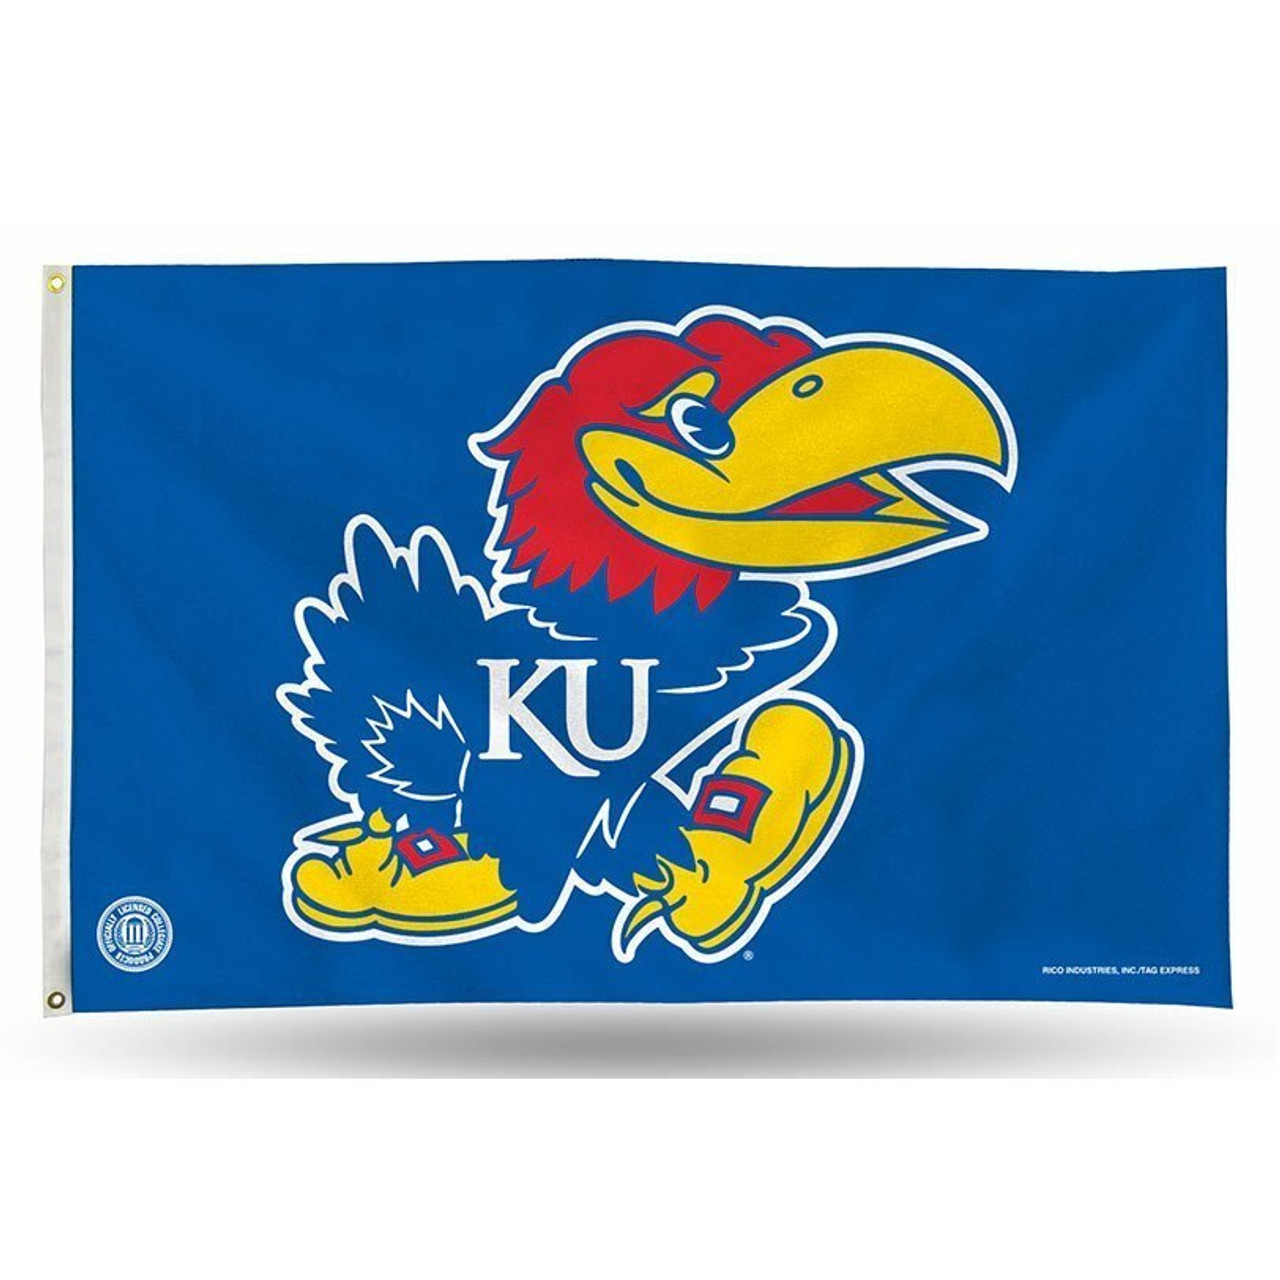 Kansas University of Flag